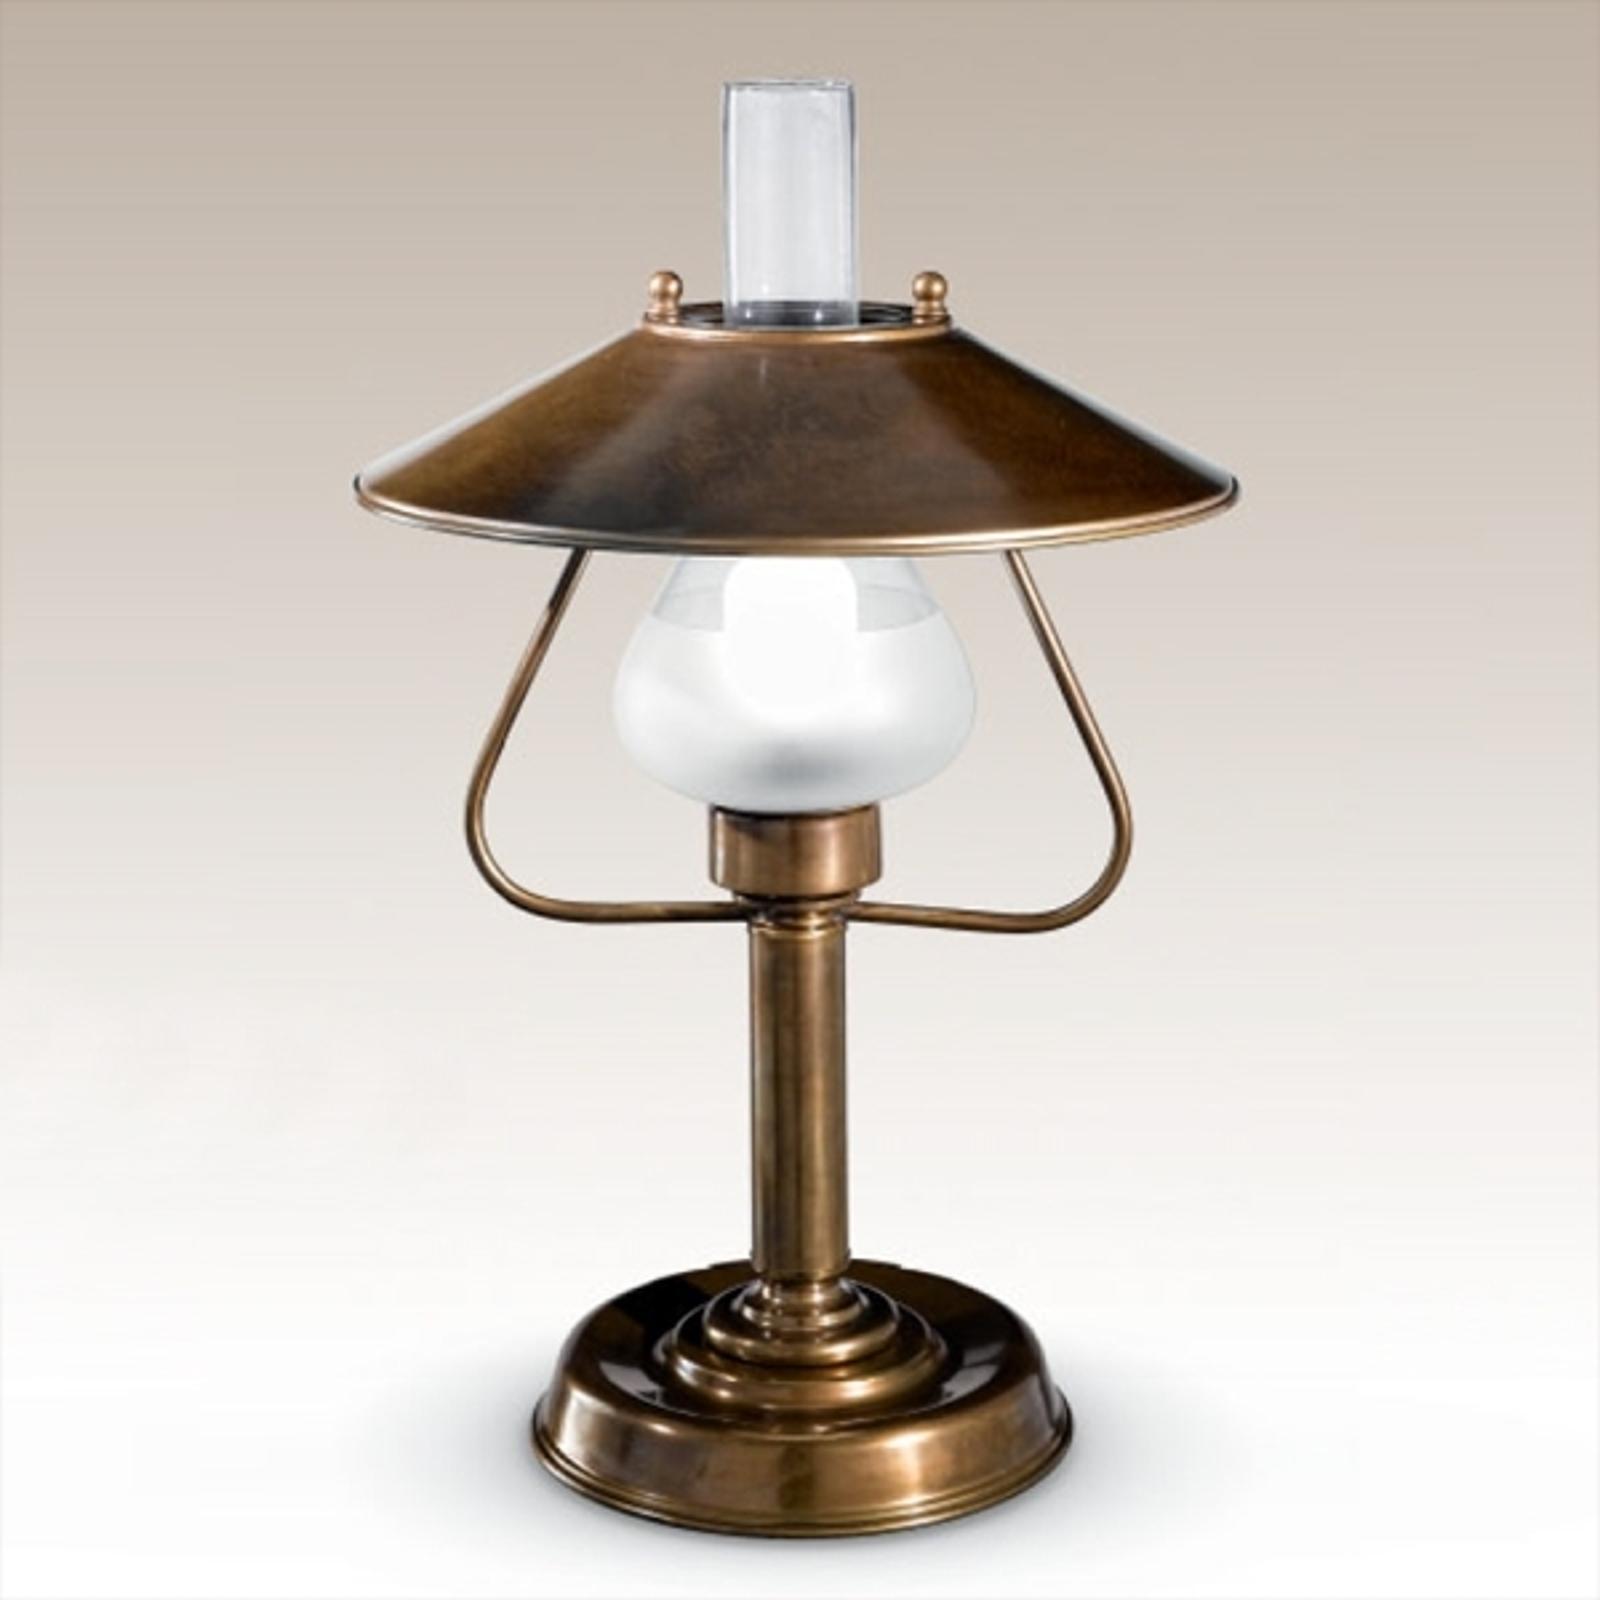 Lampa stołowa Barchessa o ładnym kształcie